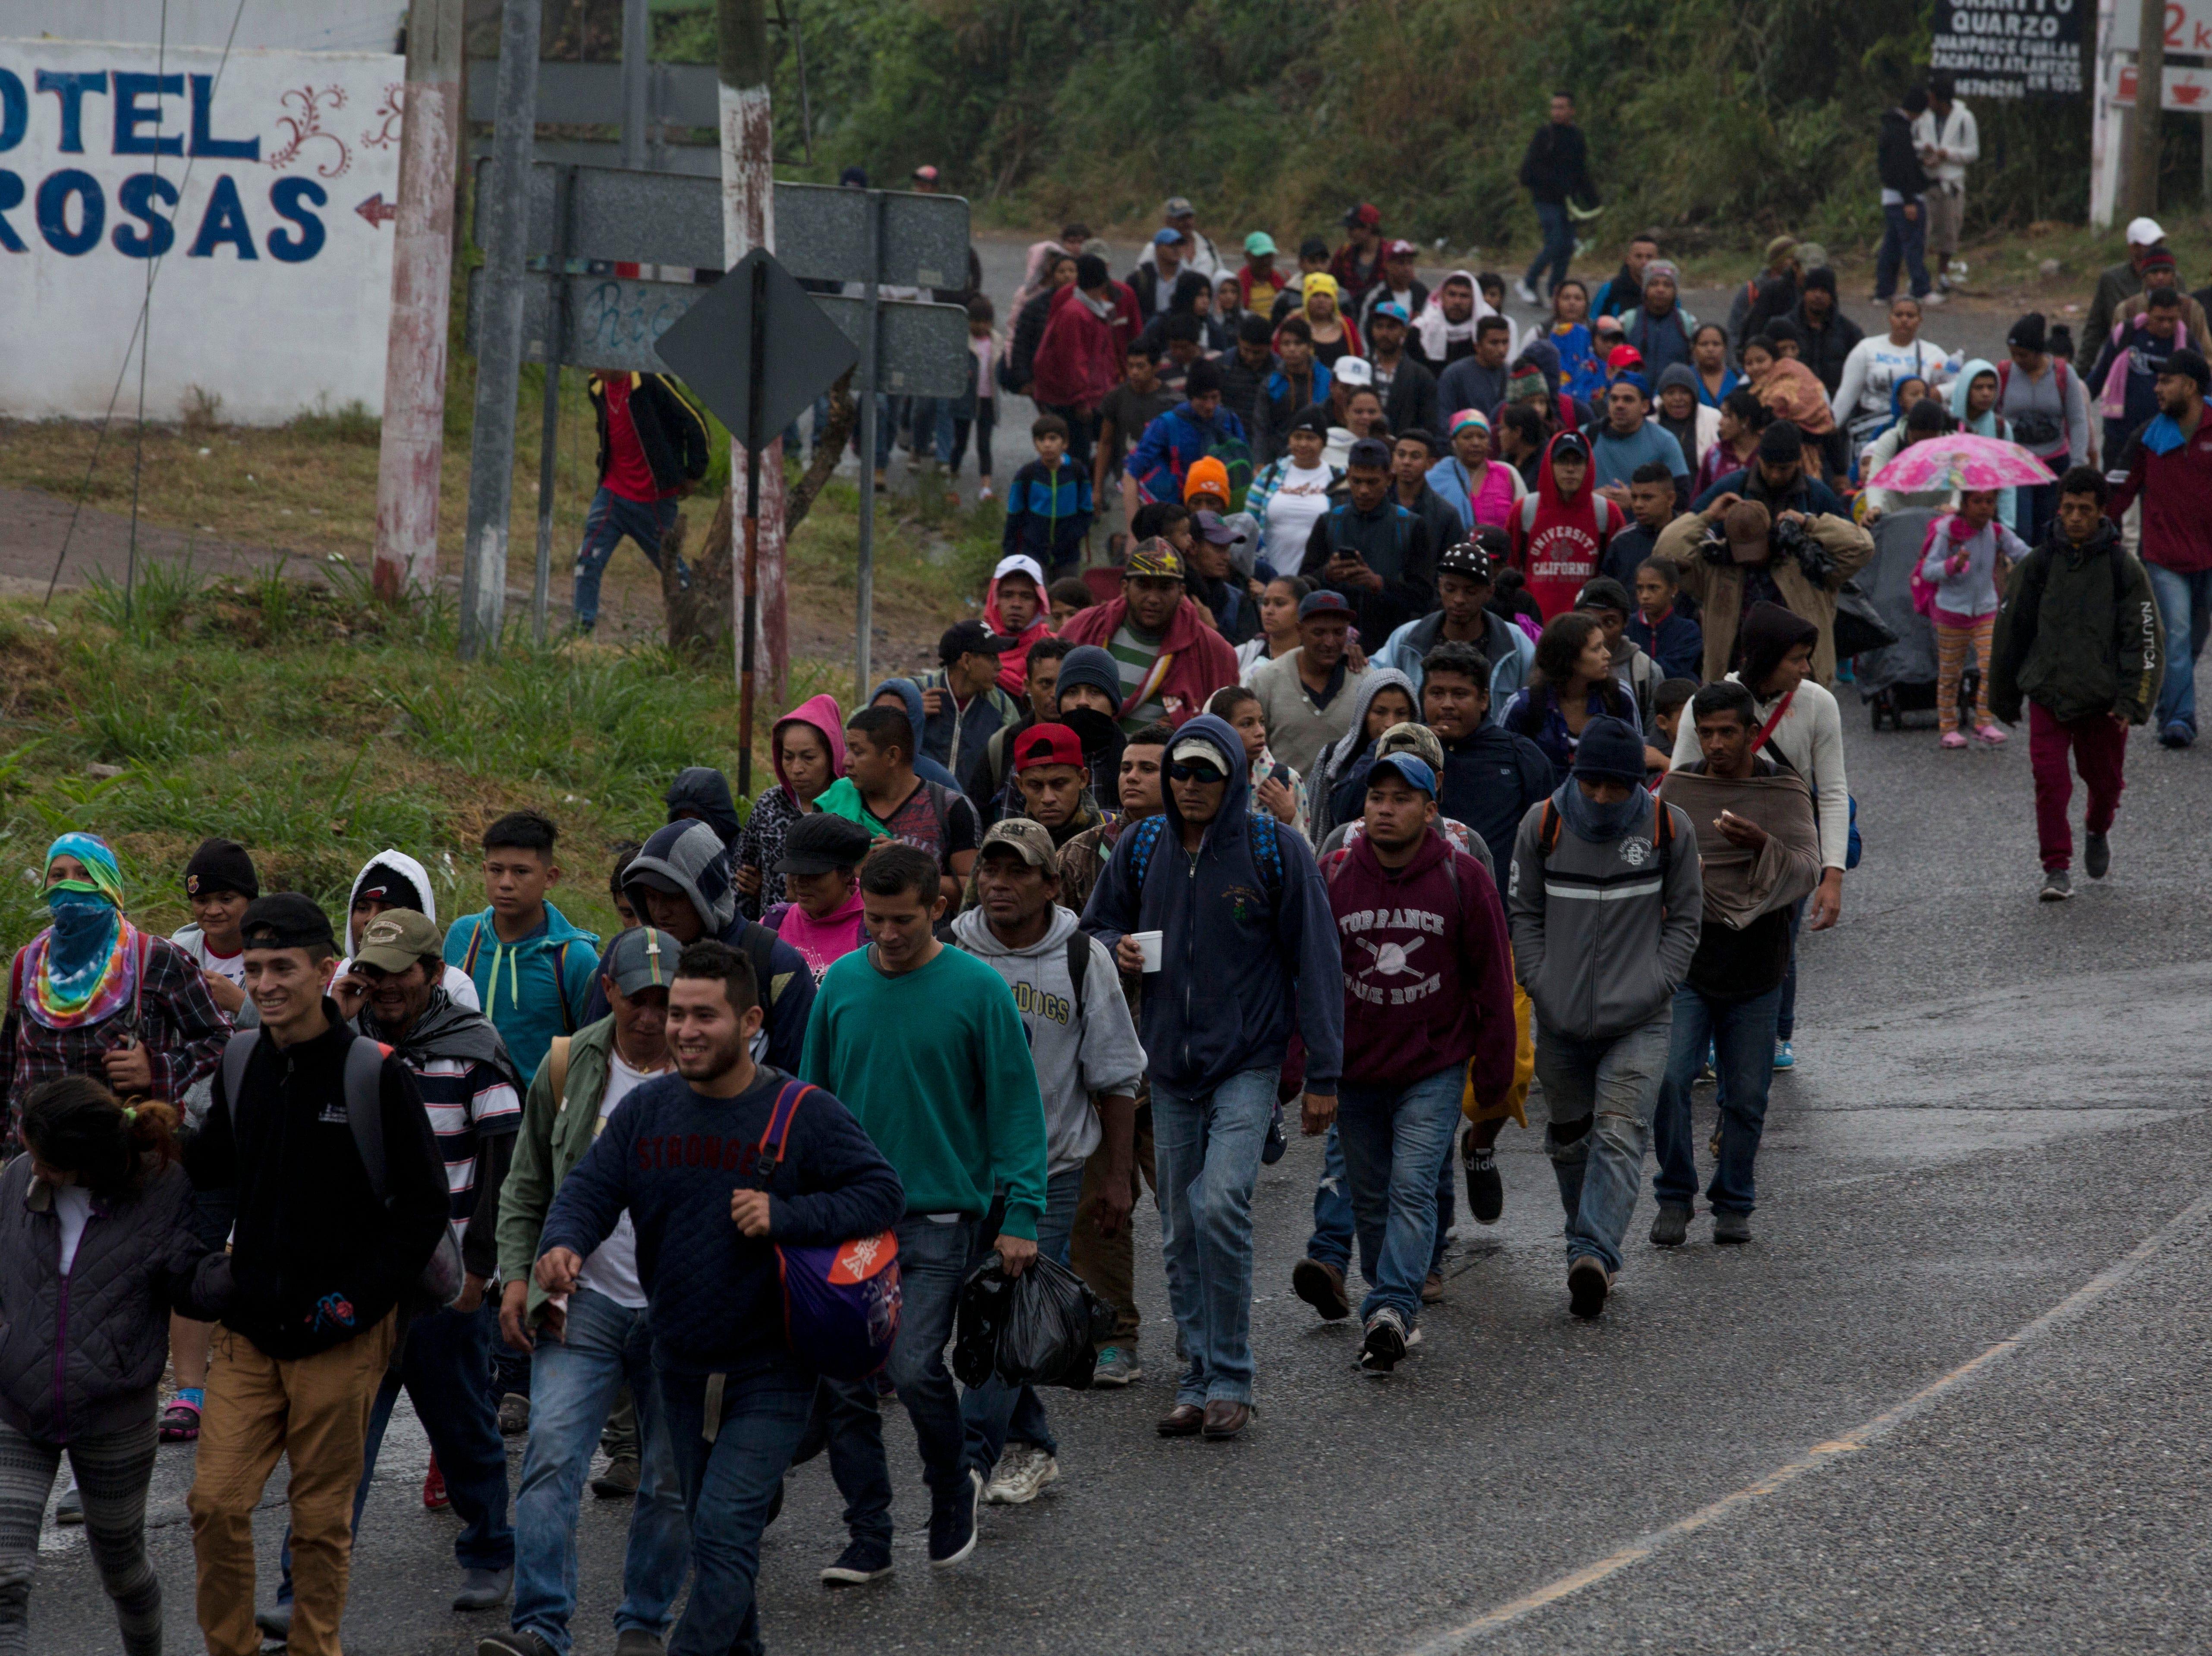 Ahead of Trump El Paso rally, migrants continue arriving in Juárez